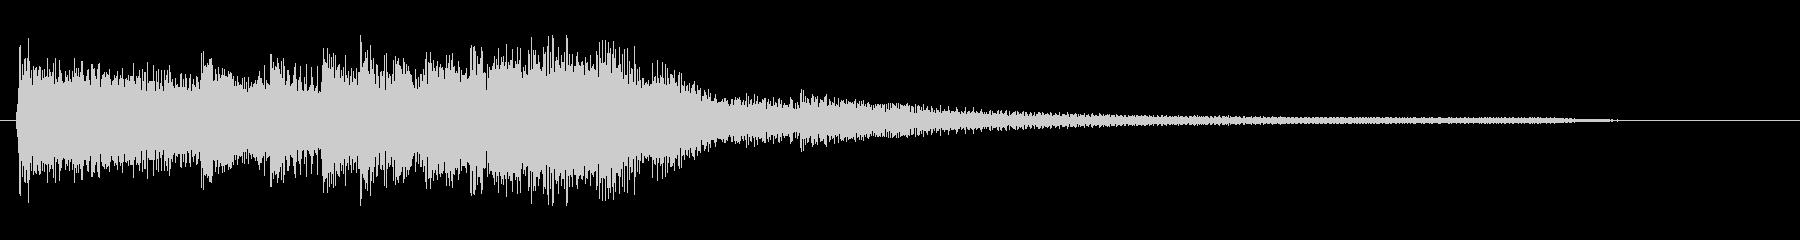 かっこいいピアノのジングルの未再生の波形